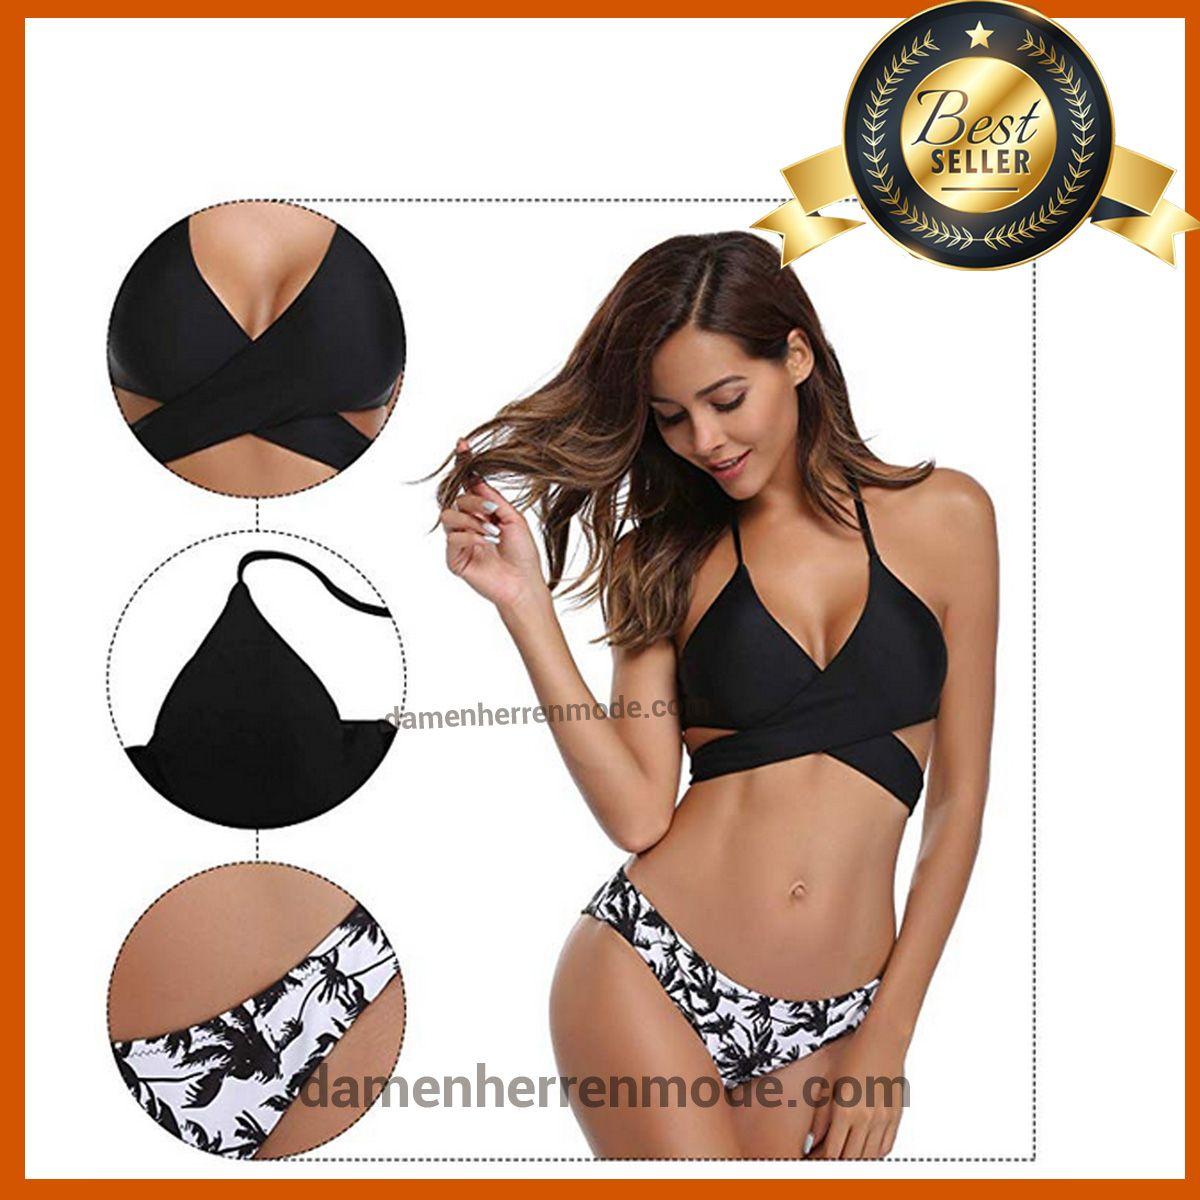 geeignet für Männer/Frauen neuartiges Design wie man bestellt Bademode Trends 2019 #bademode #bikinigirl #bikinibabes ...